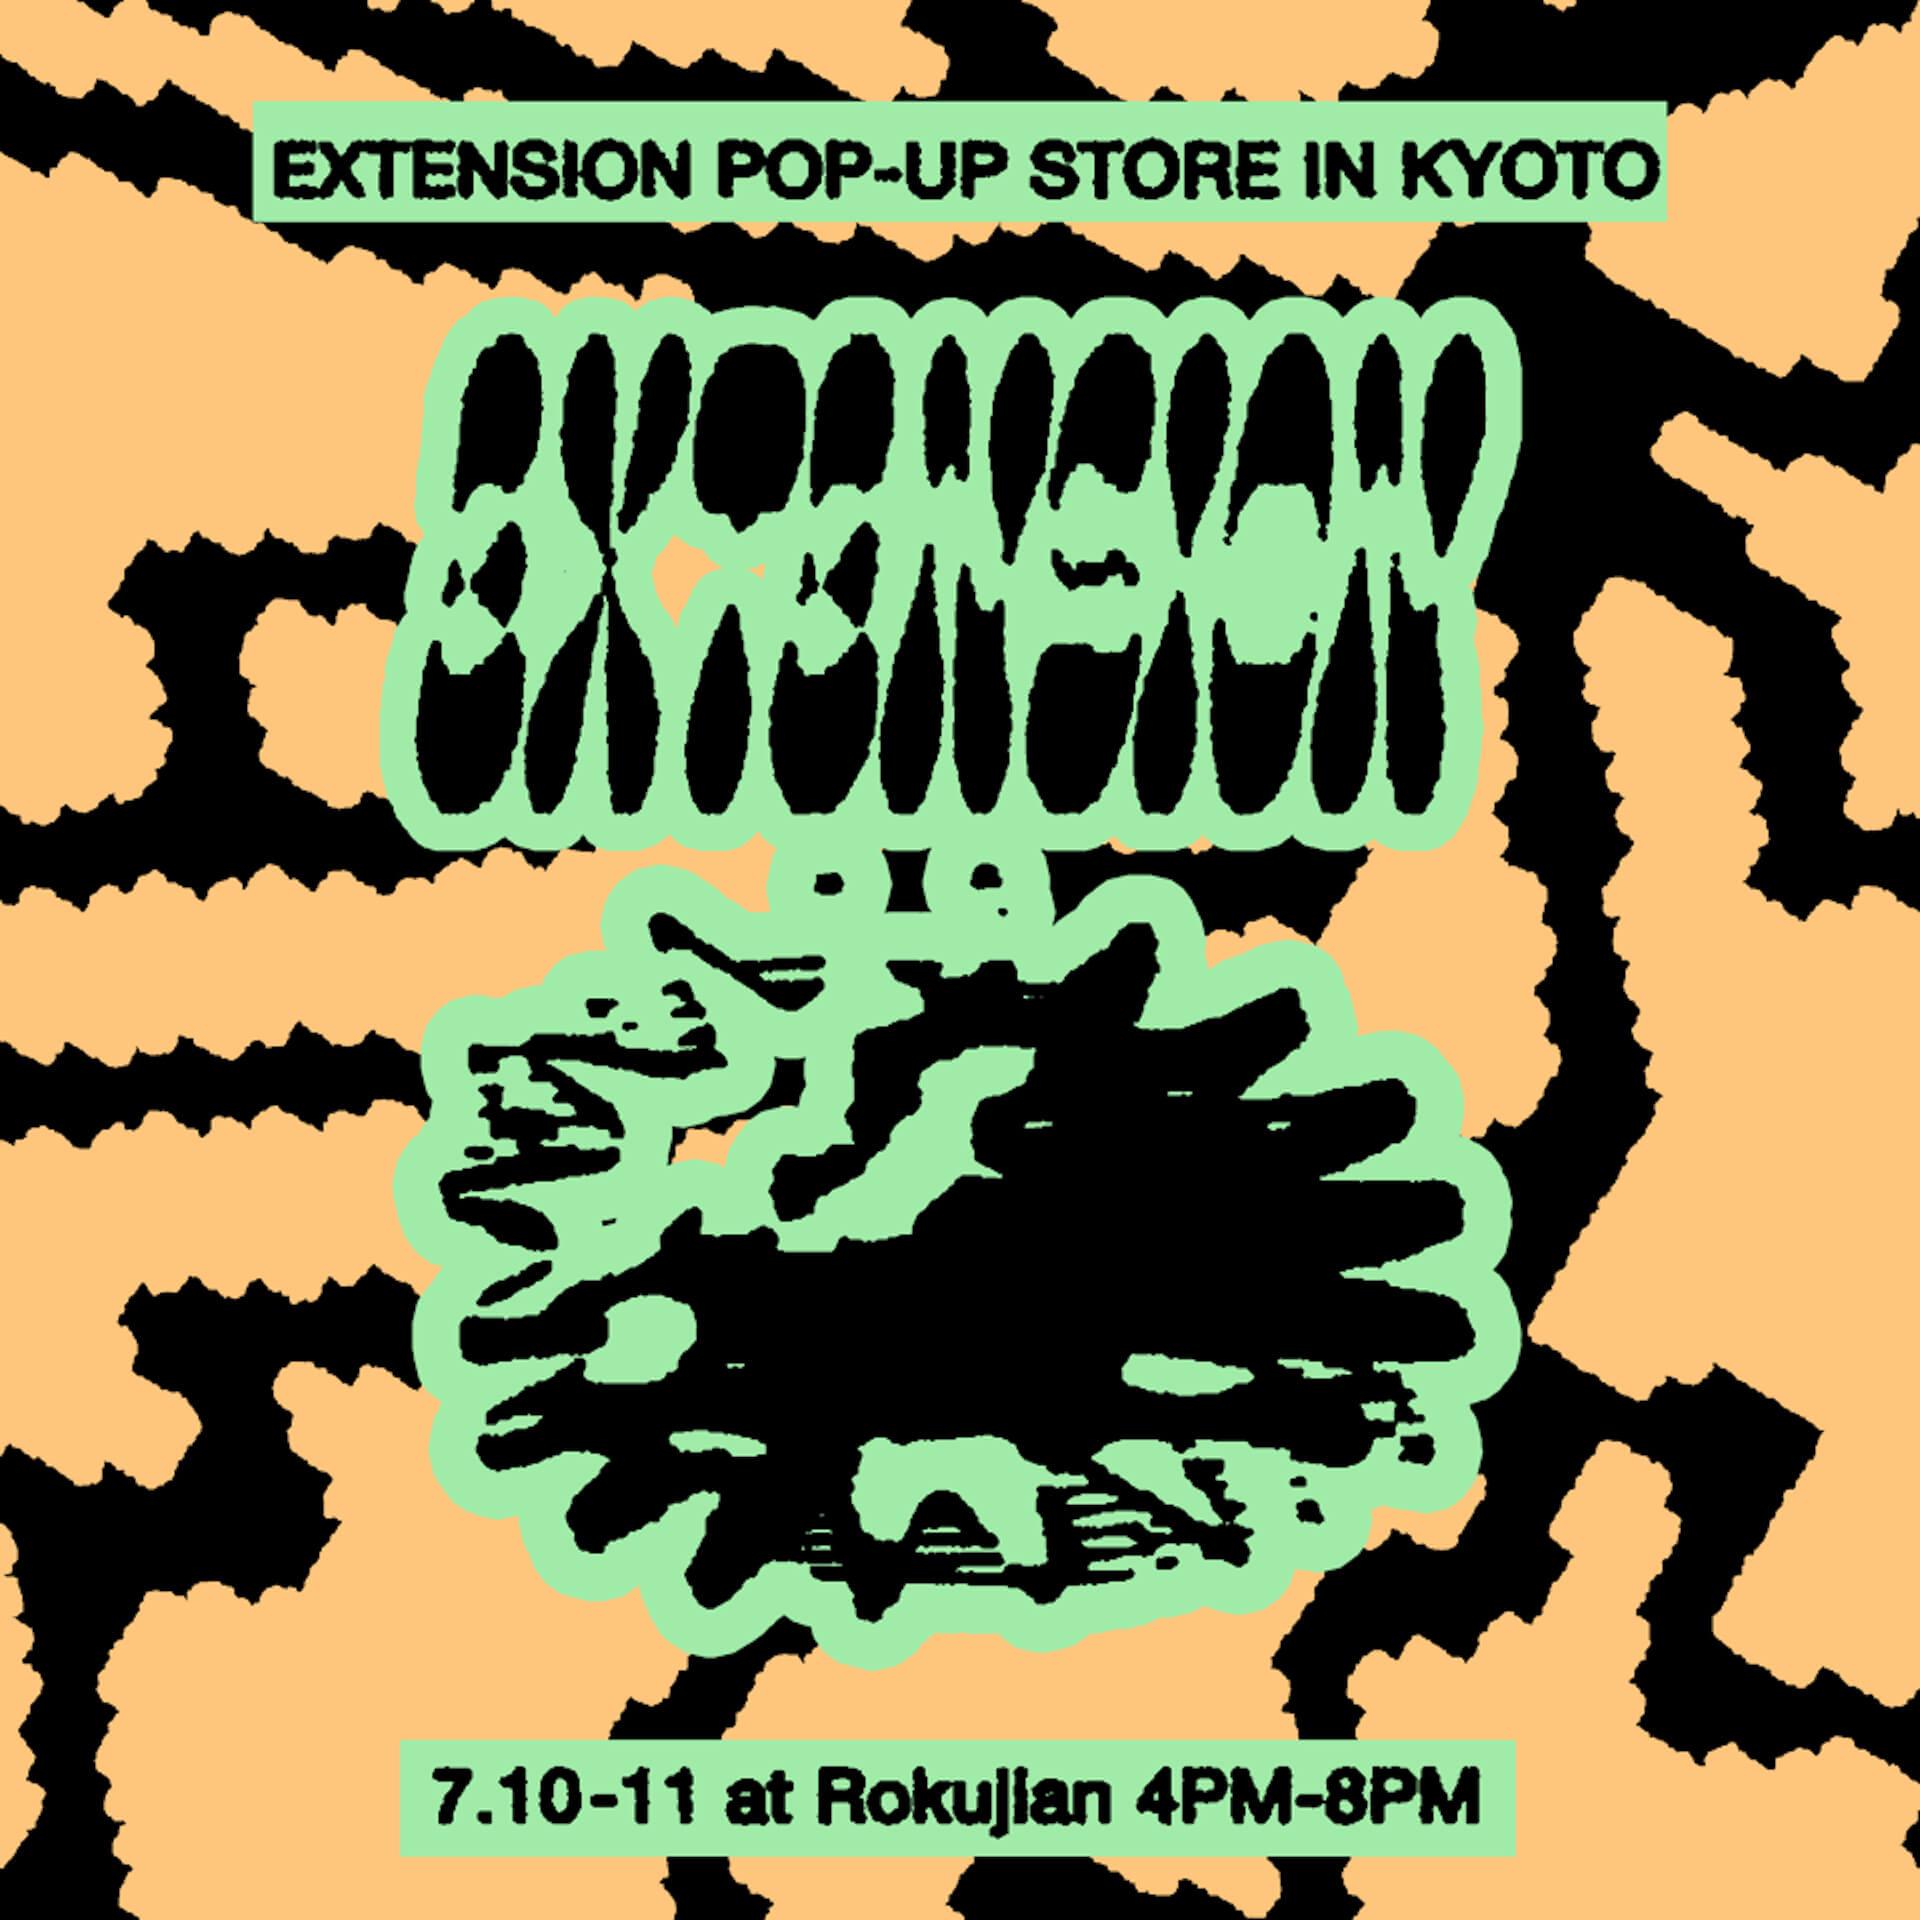 CYKのアパレルライン「EXTENSION」が京都でPOP UP STOREを開催!Kotsu、Nariによるアフターパーティーも music210708_cyk_extension_1